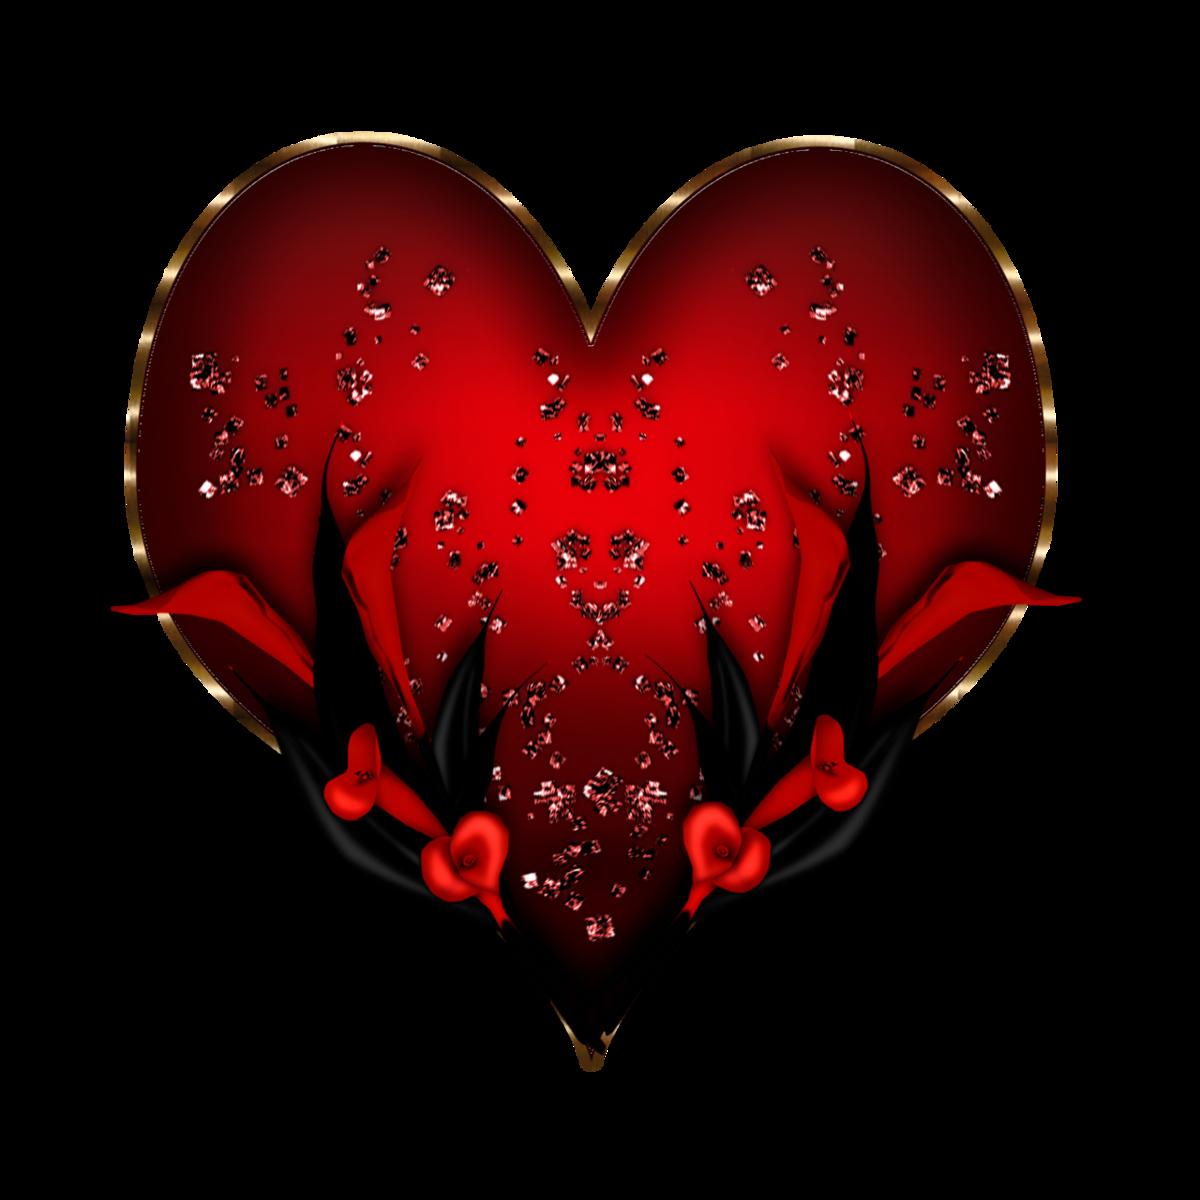 Картинки сердца любовь анимация, влада для